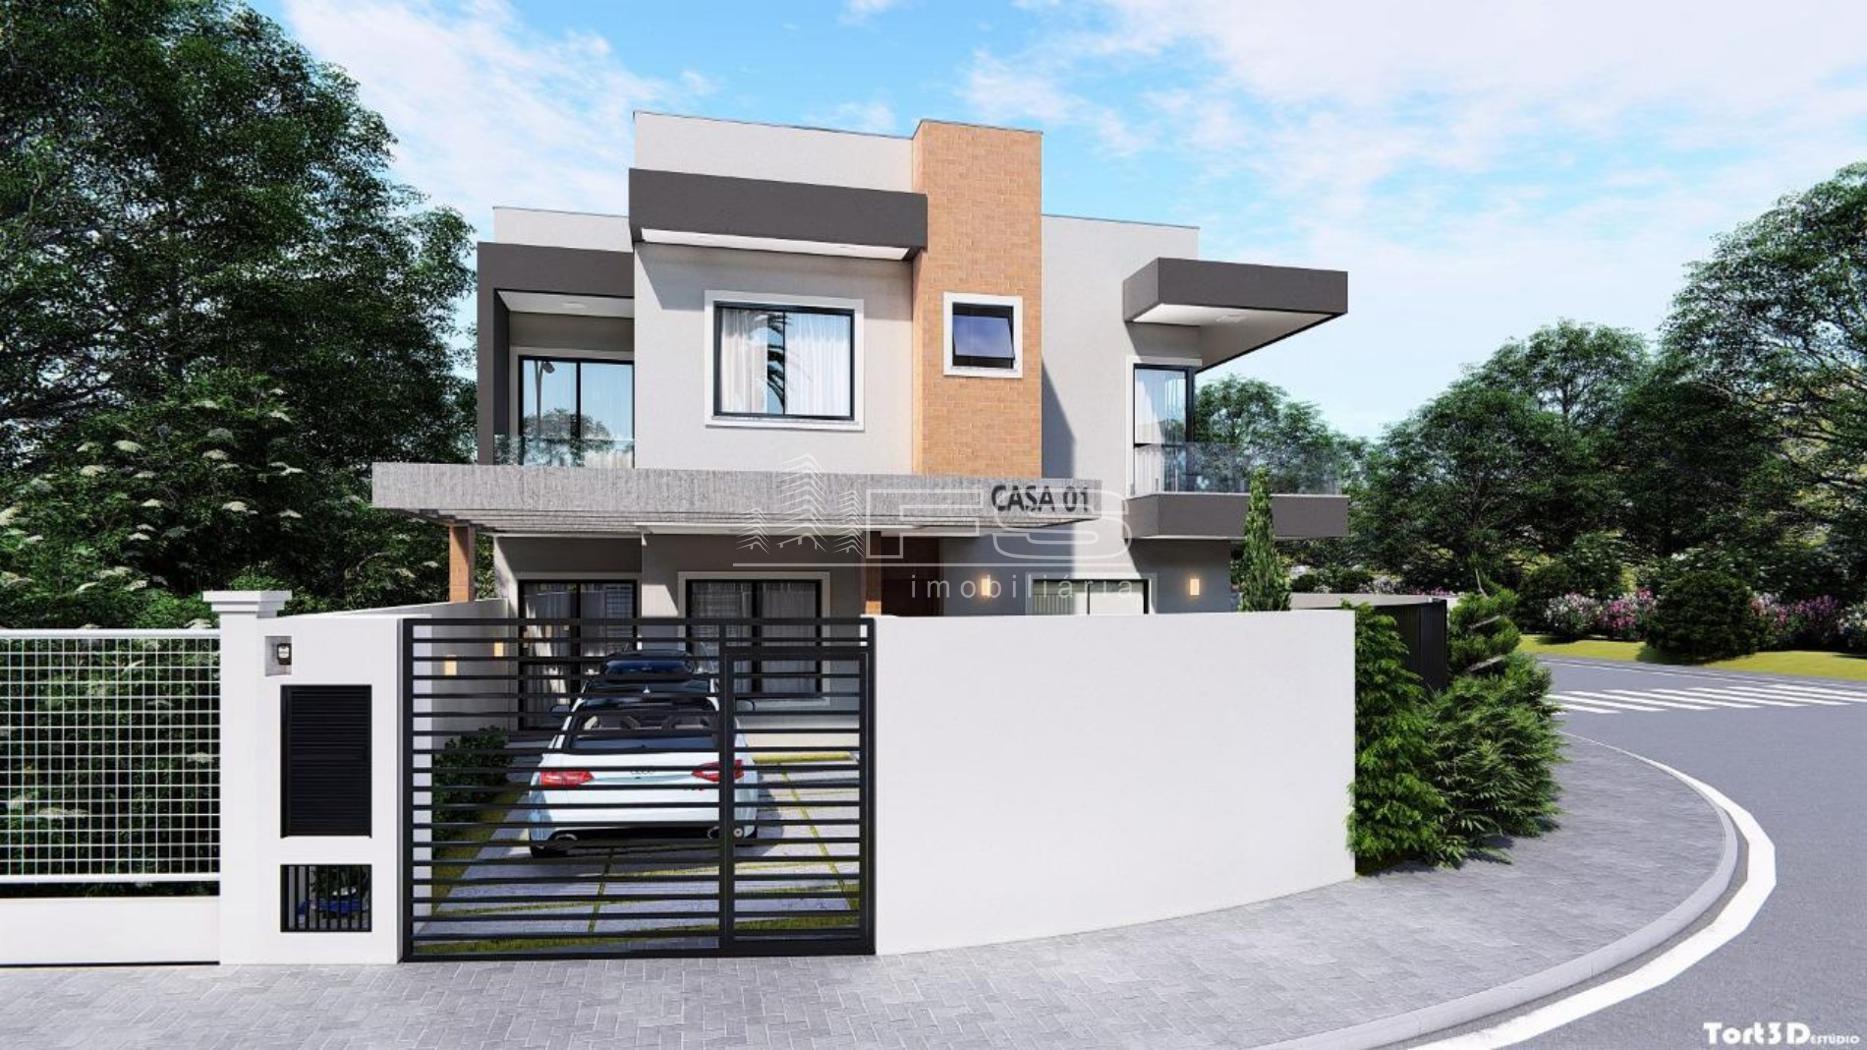 Casa com 3 Dormitórios à venda, 106 m² por R$ 475.000,00